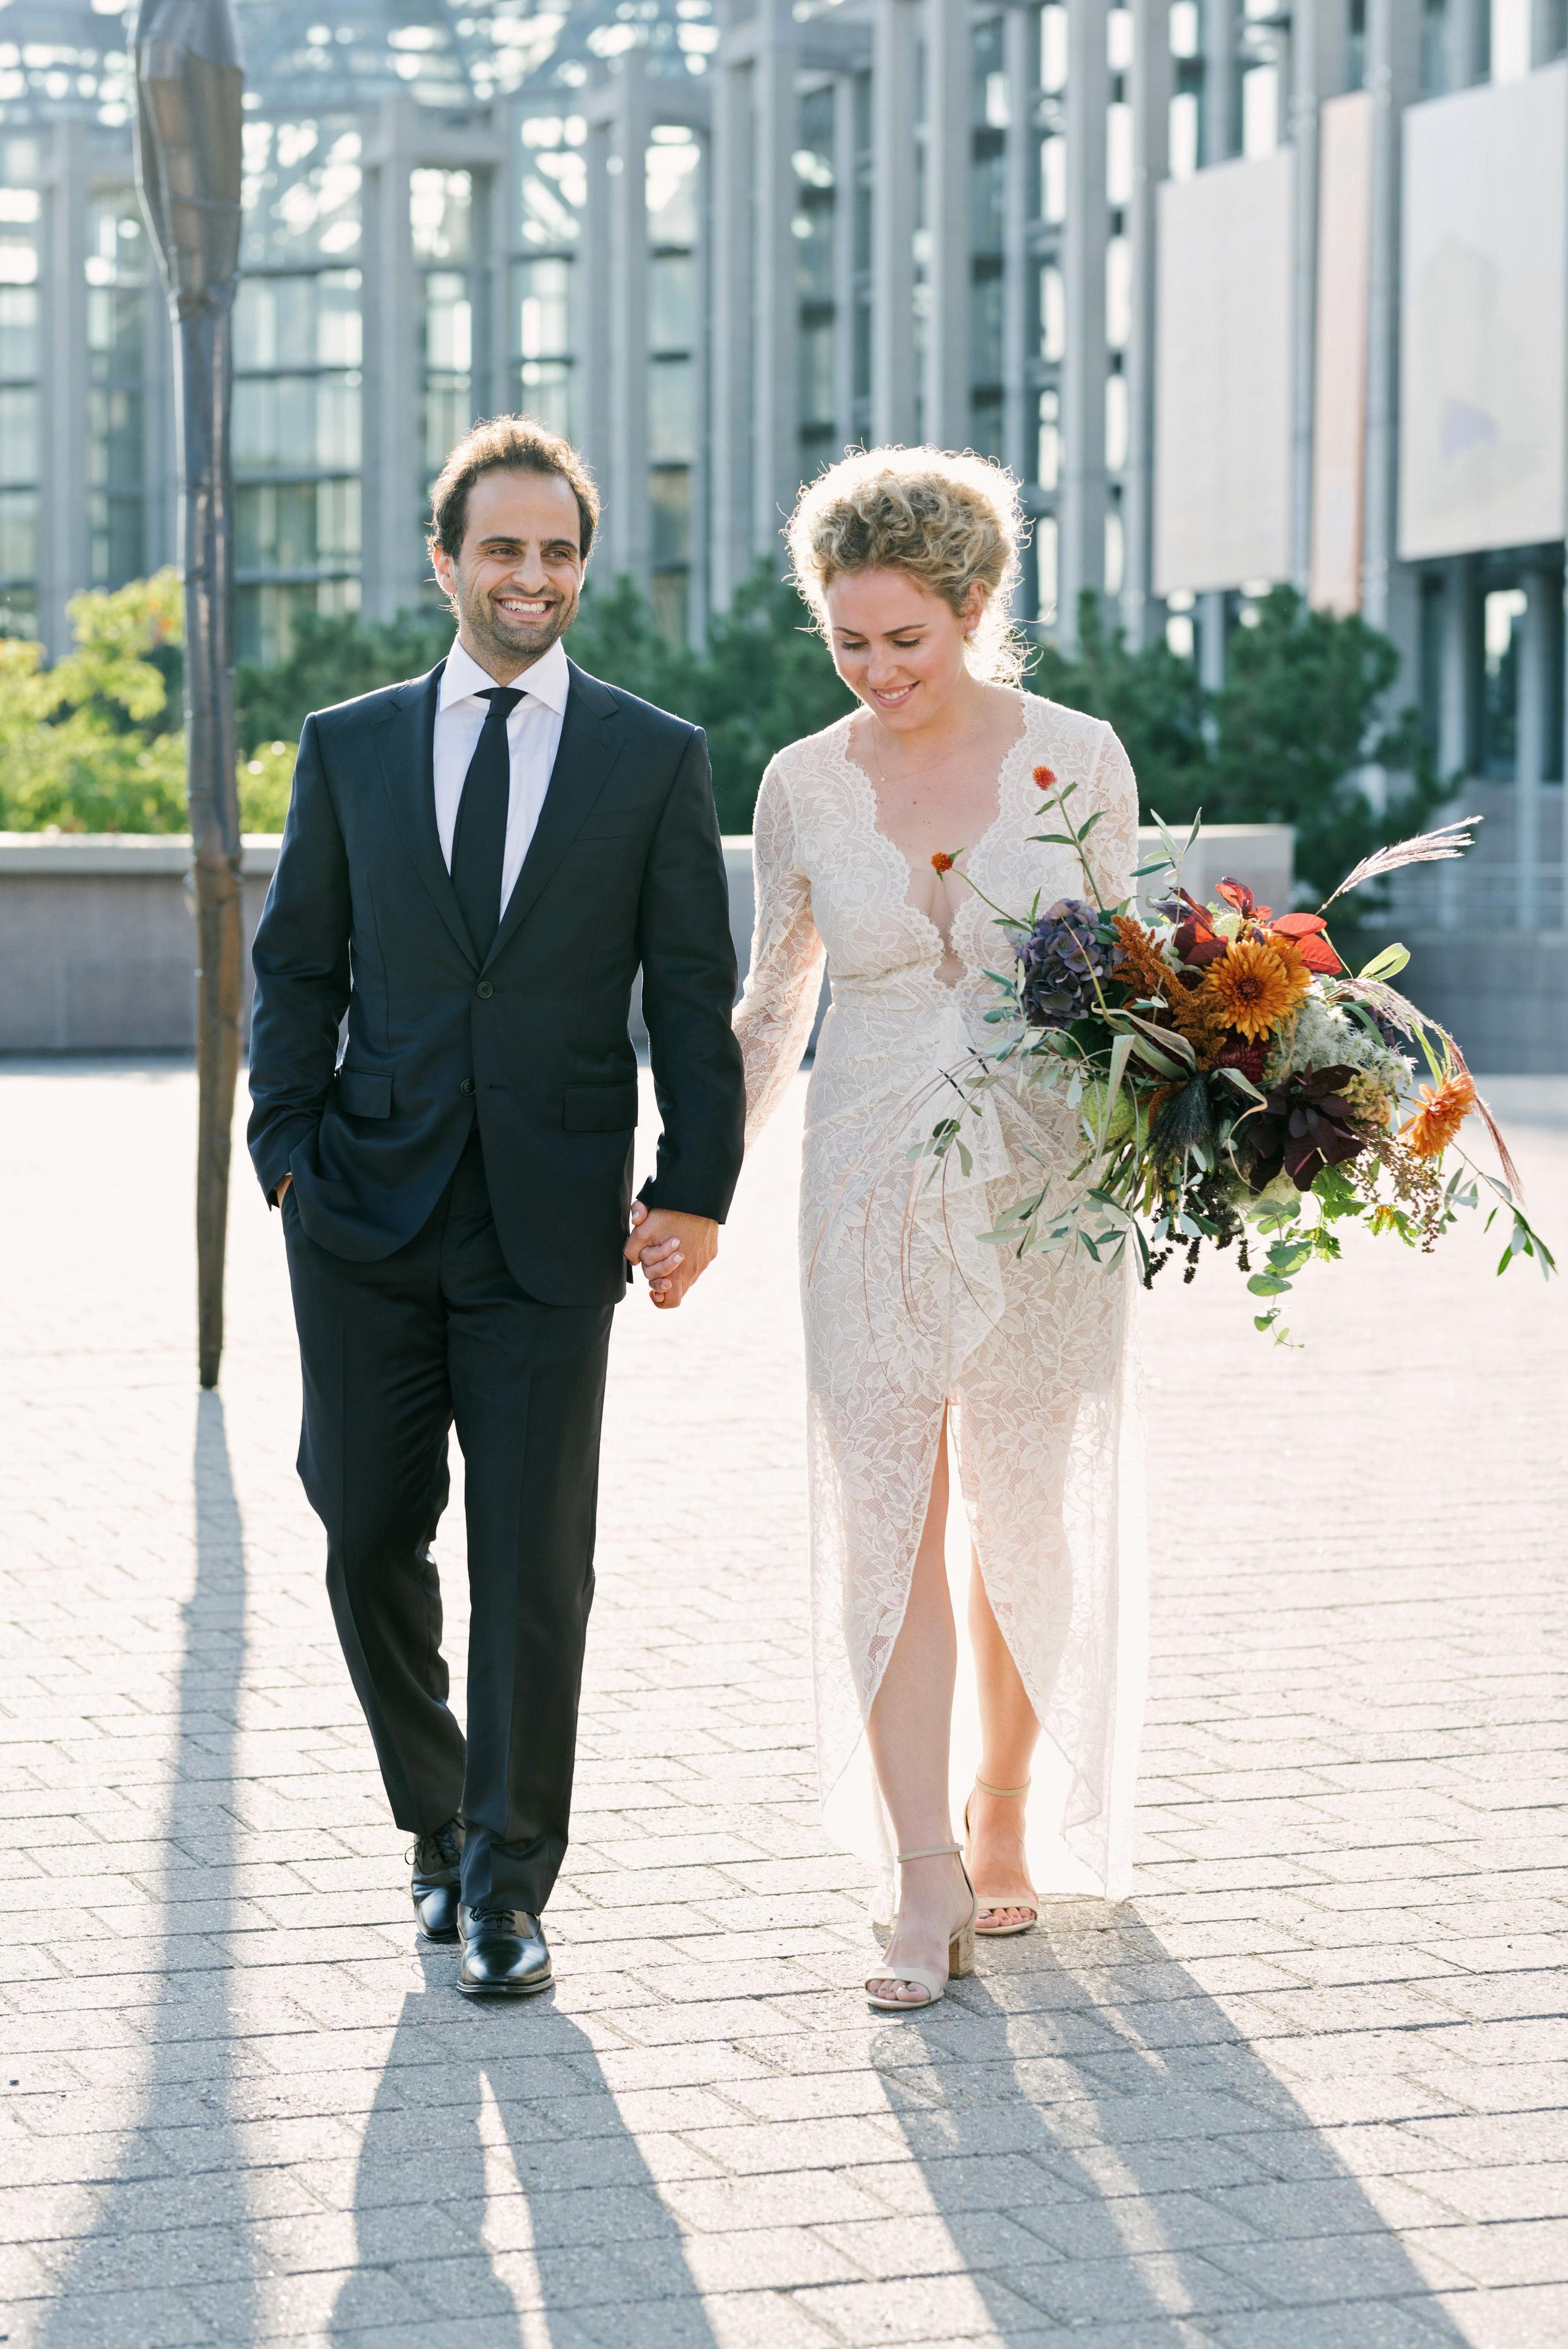 molly michael wedding couple walking